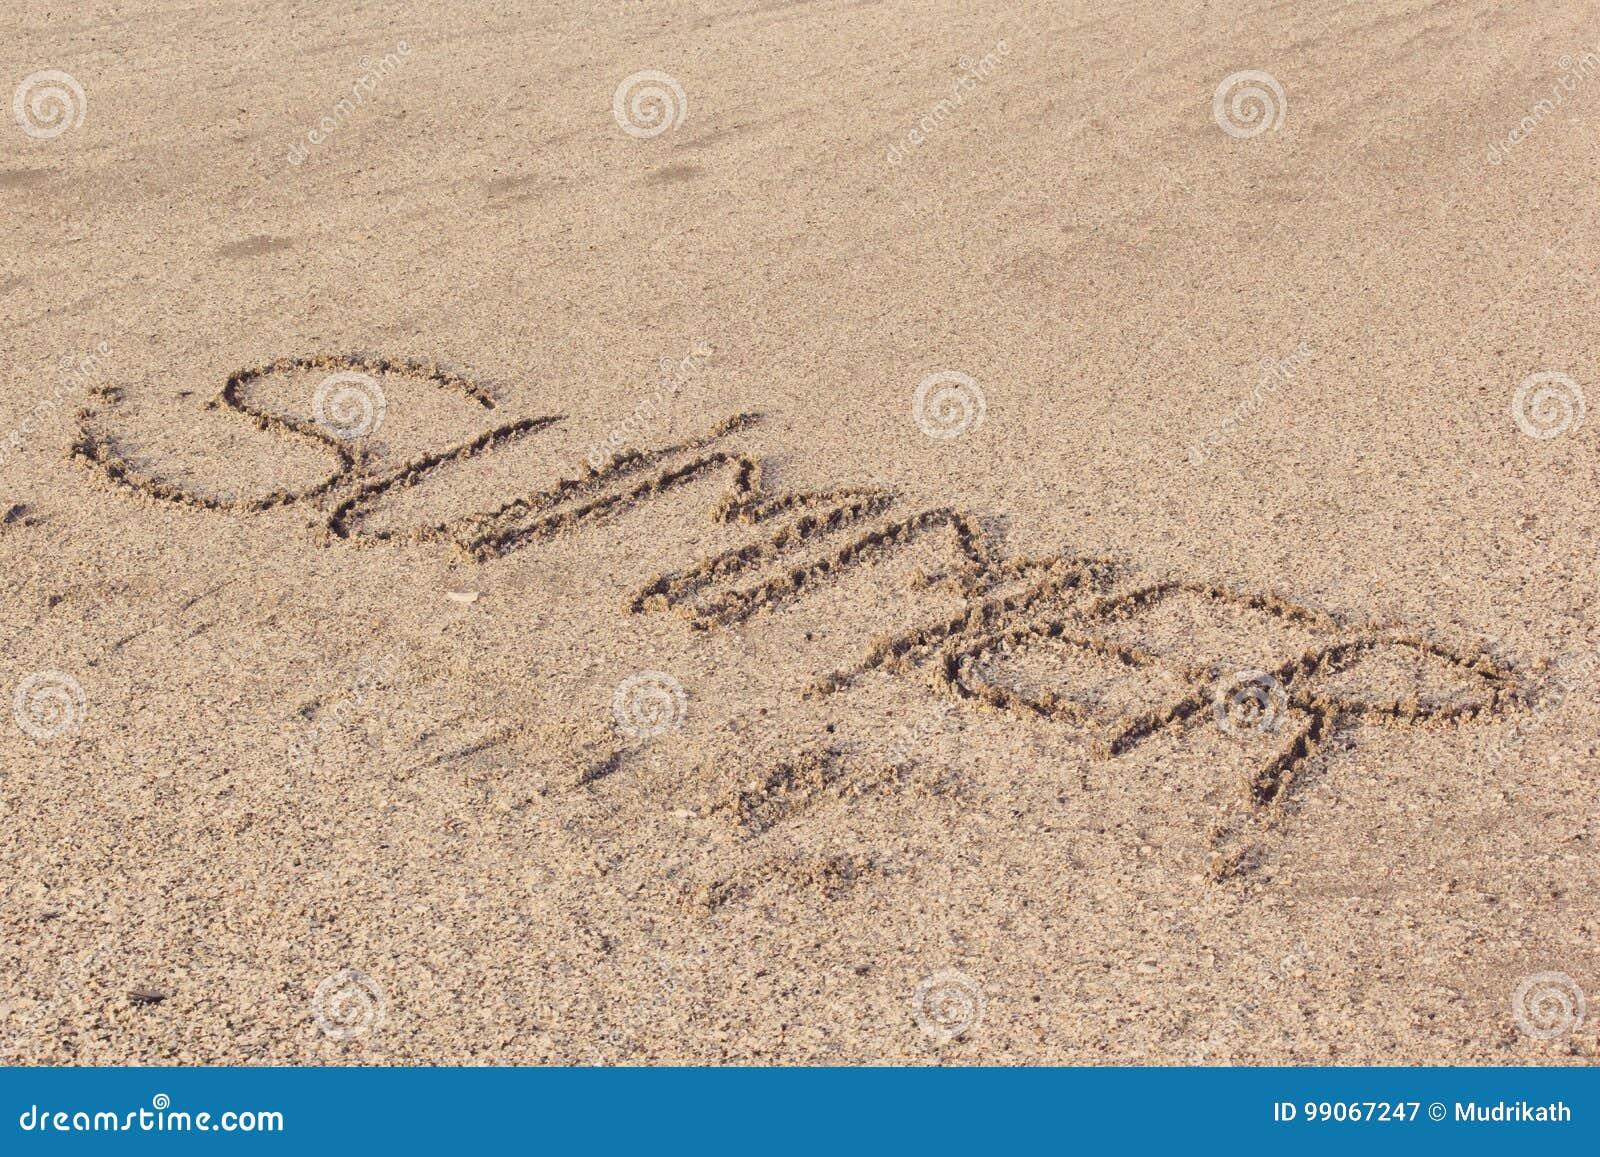 Skriftlig sommar i mjukt blöter sand på en strand, Dubai-1 September 2017